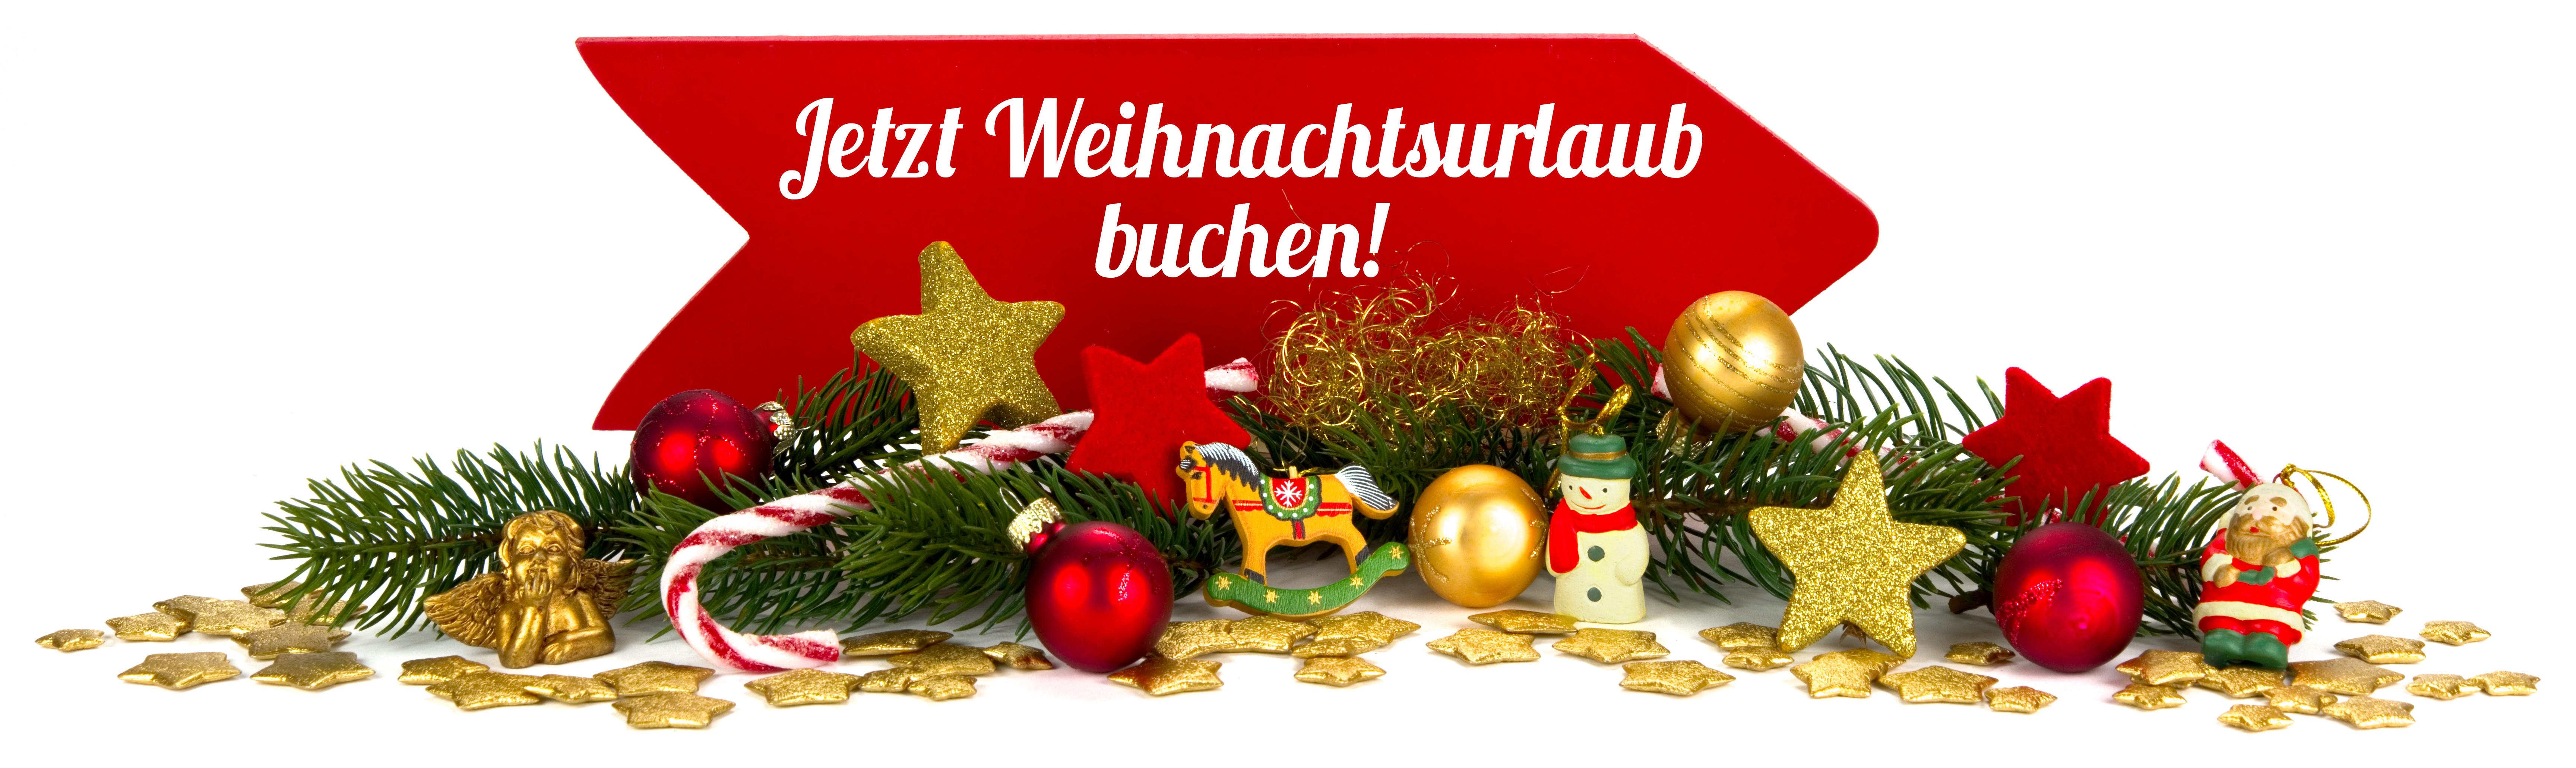 Weihnachts-Angebote von REISEN.reise günstig Buchen!